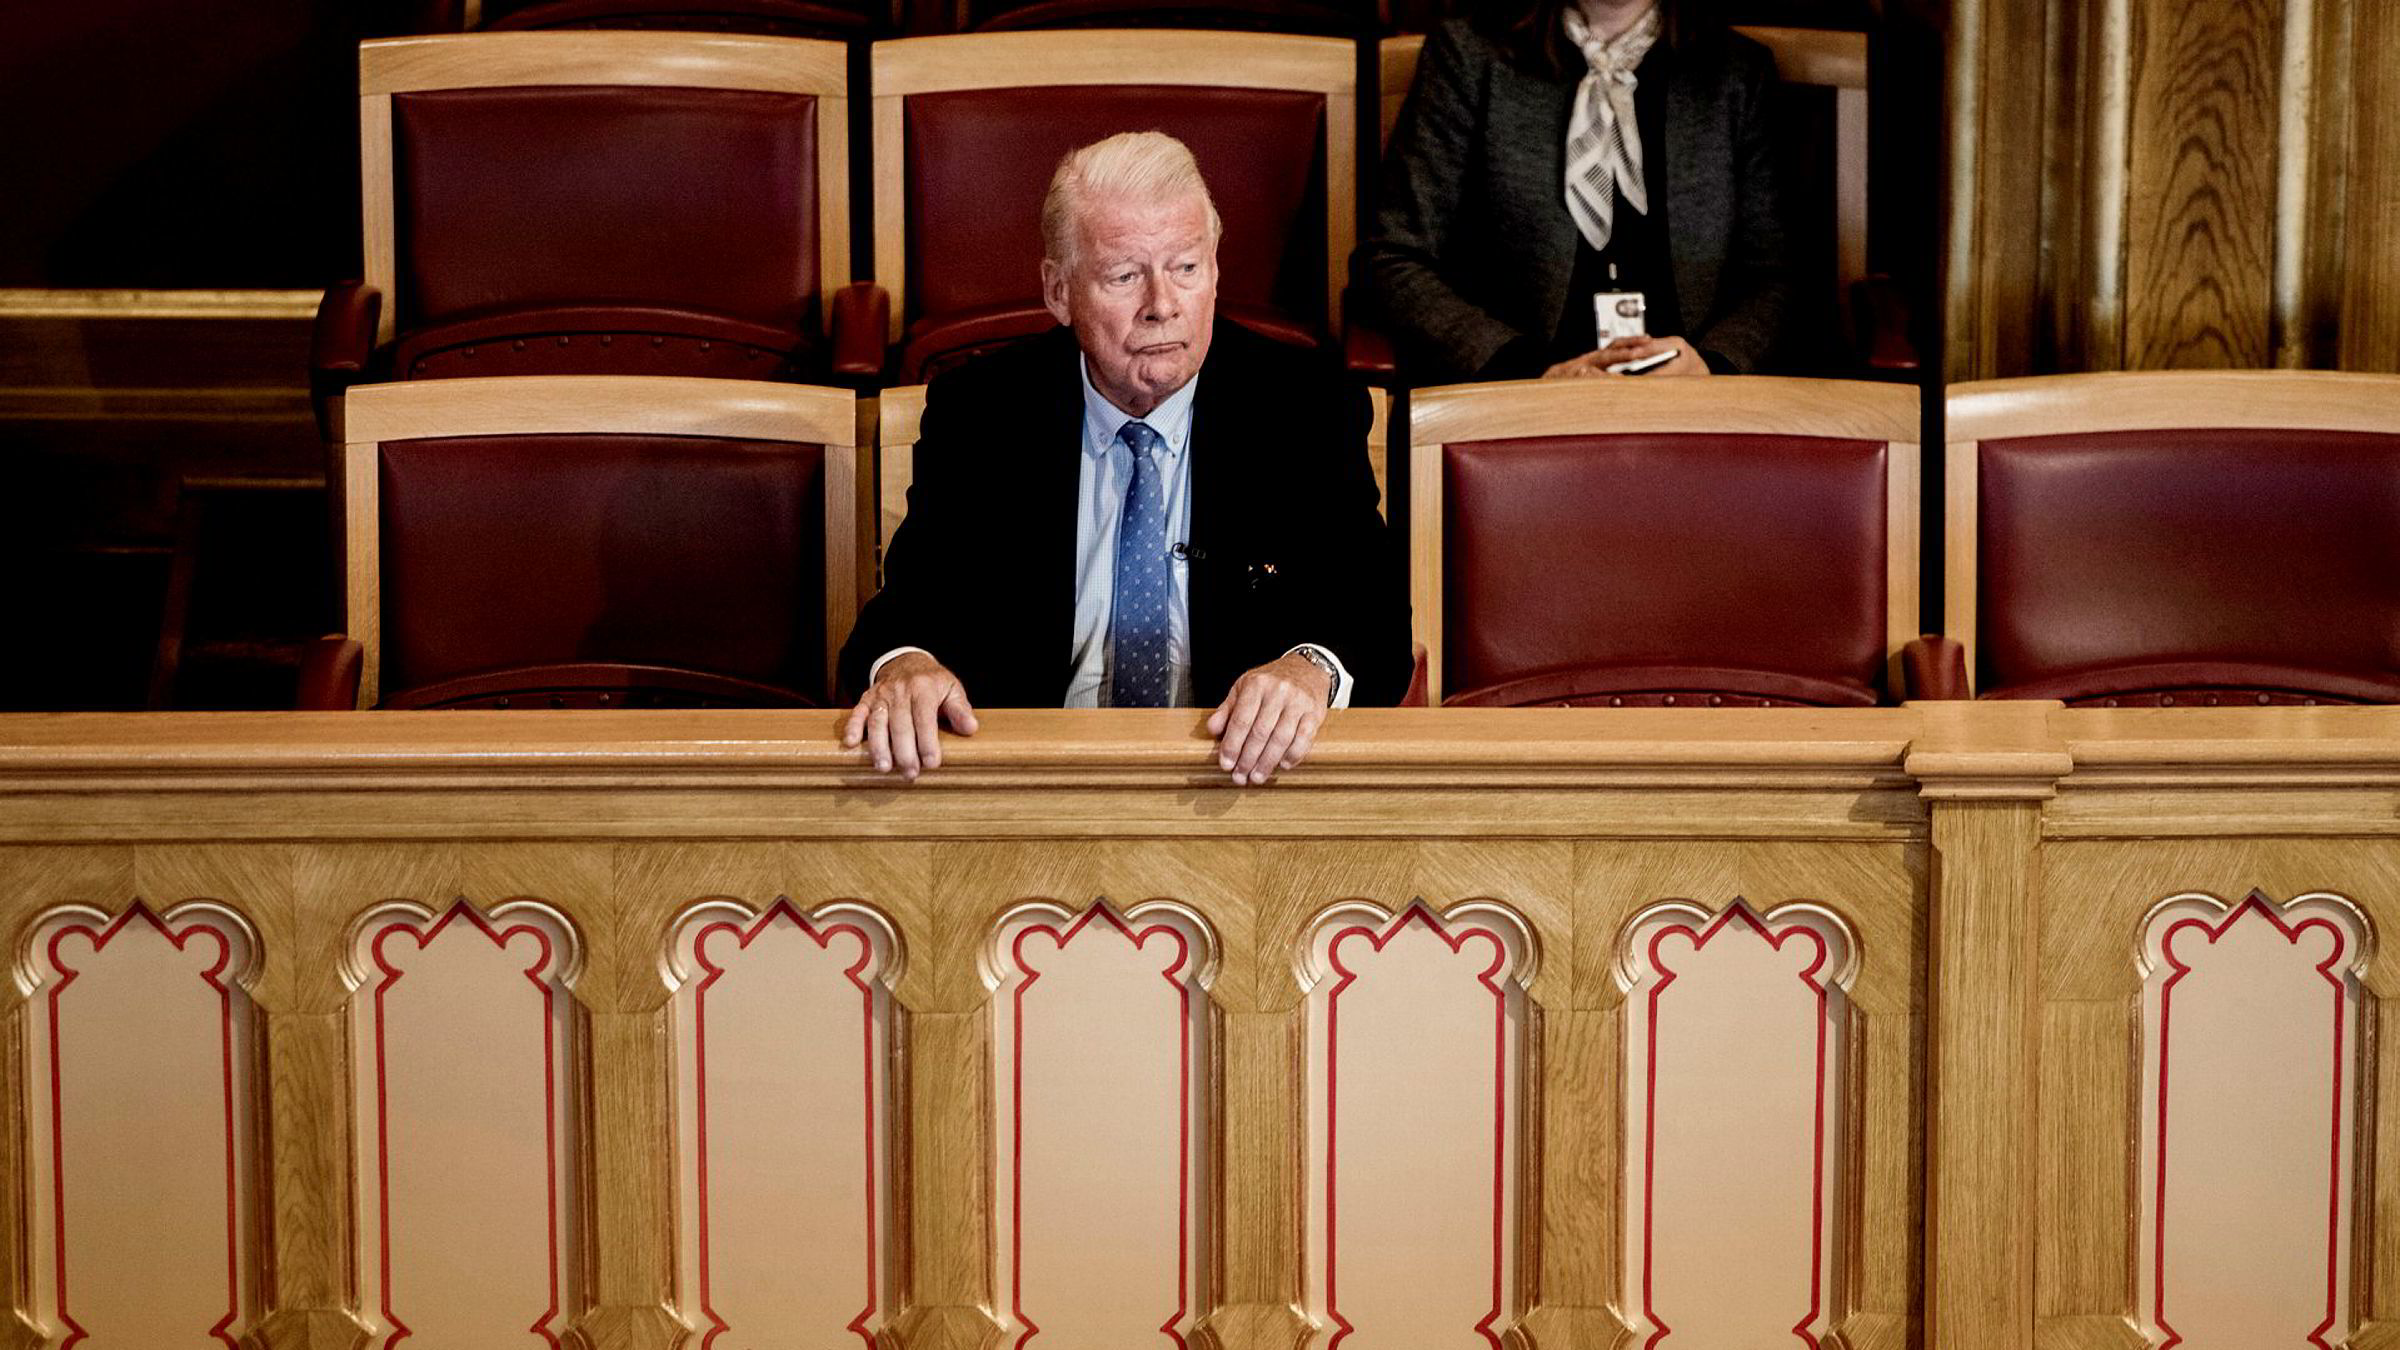 Tidligere Frp-leder og vararepresentant på Stortinget Carl I. Hagen fulgte med fra sidelinjen da Stortinget diskuterte om vara- og stortingsrepresentanter kan velges til Nobelkomiteen. Etter to ukers debatt i og utenfor Stortinget var det avgjort: Hagen kan ikke velges inn i Nobelkomiteen.